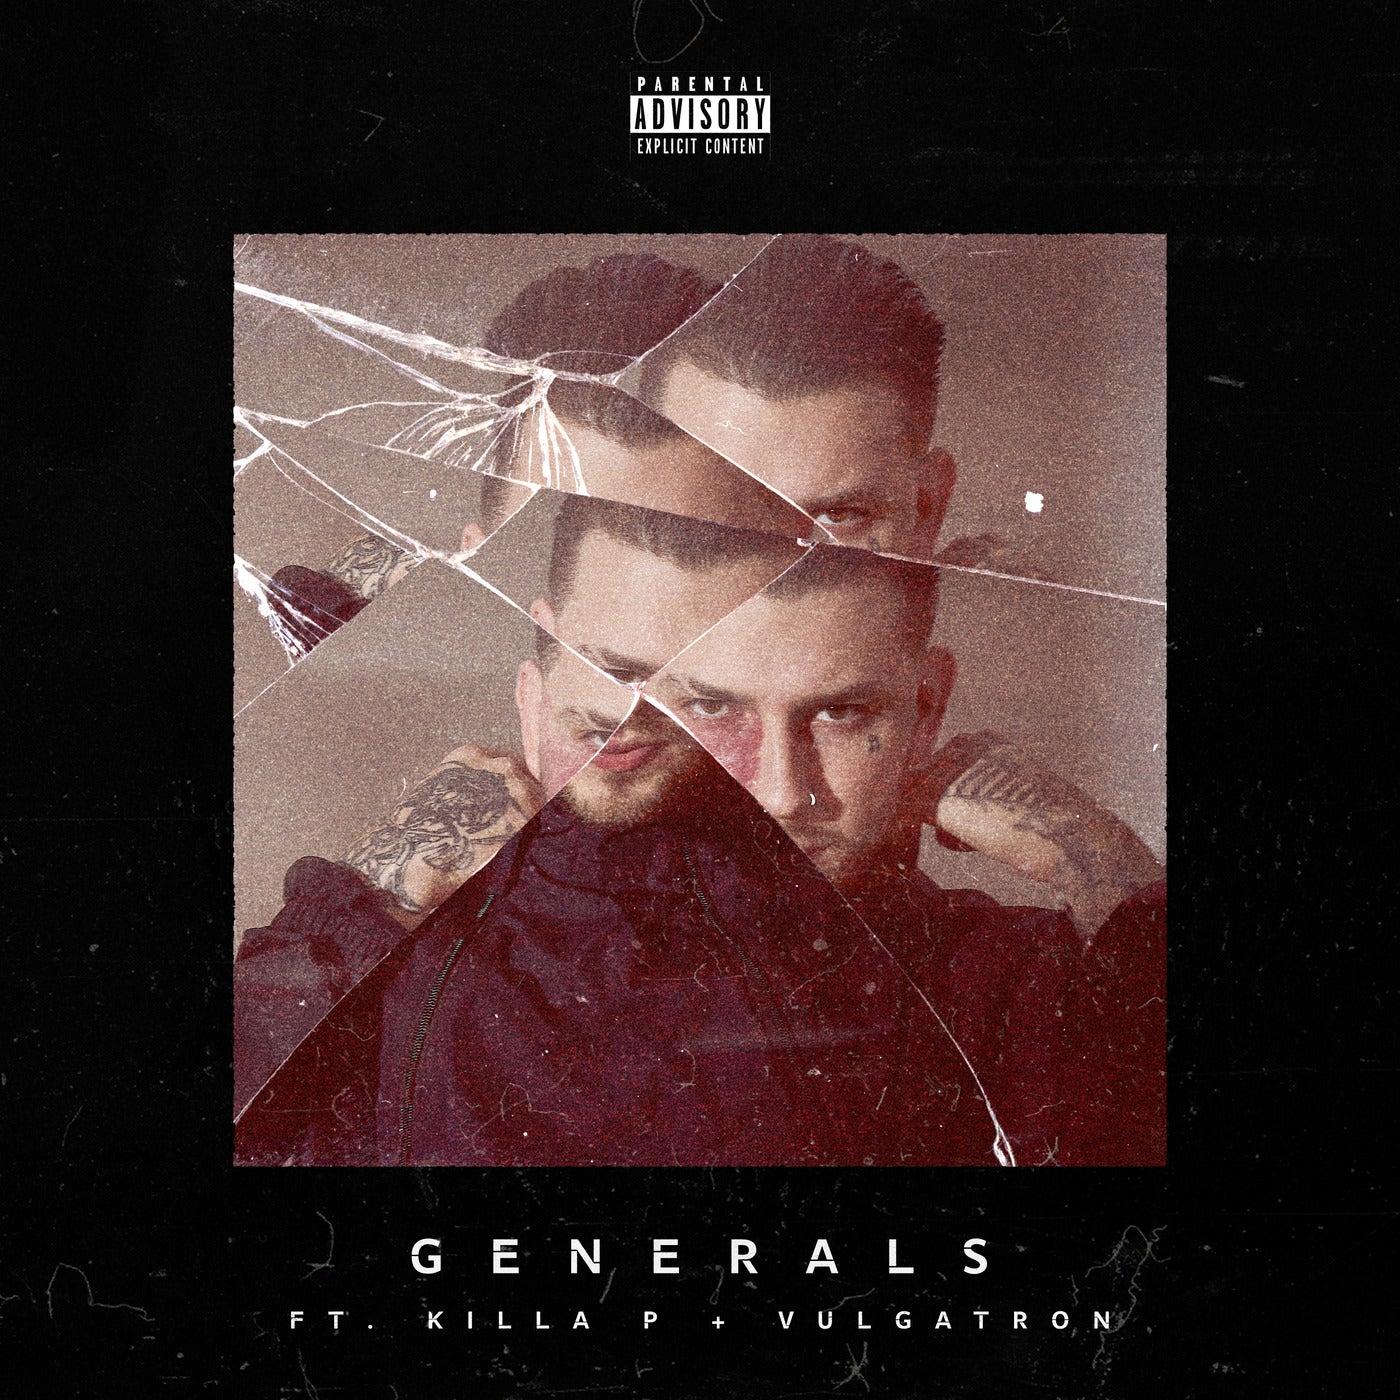 Generals feat. Killa P & Vulgatron (Original Mix)